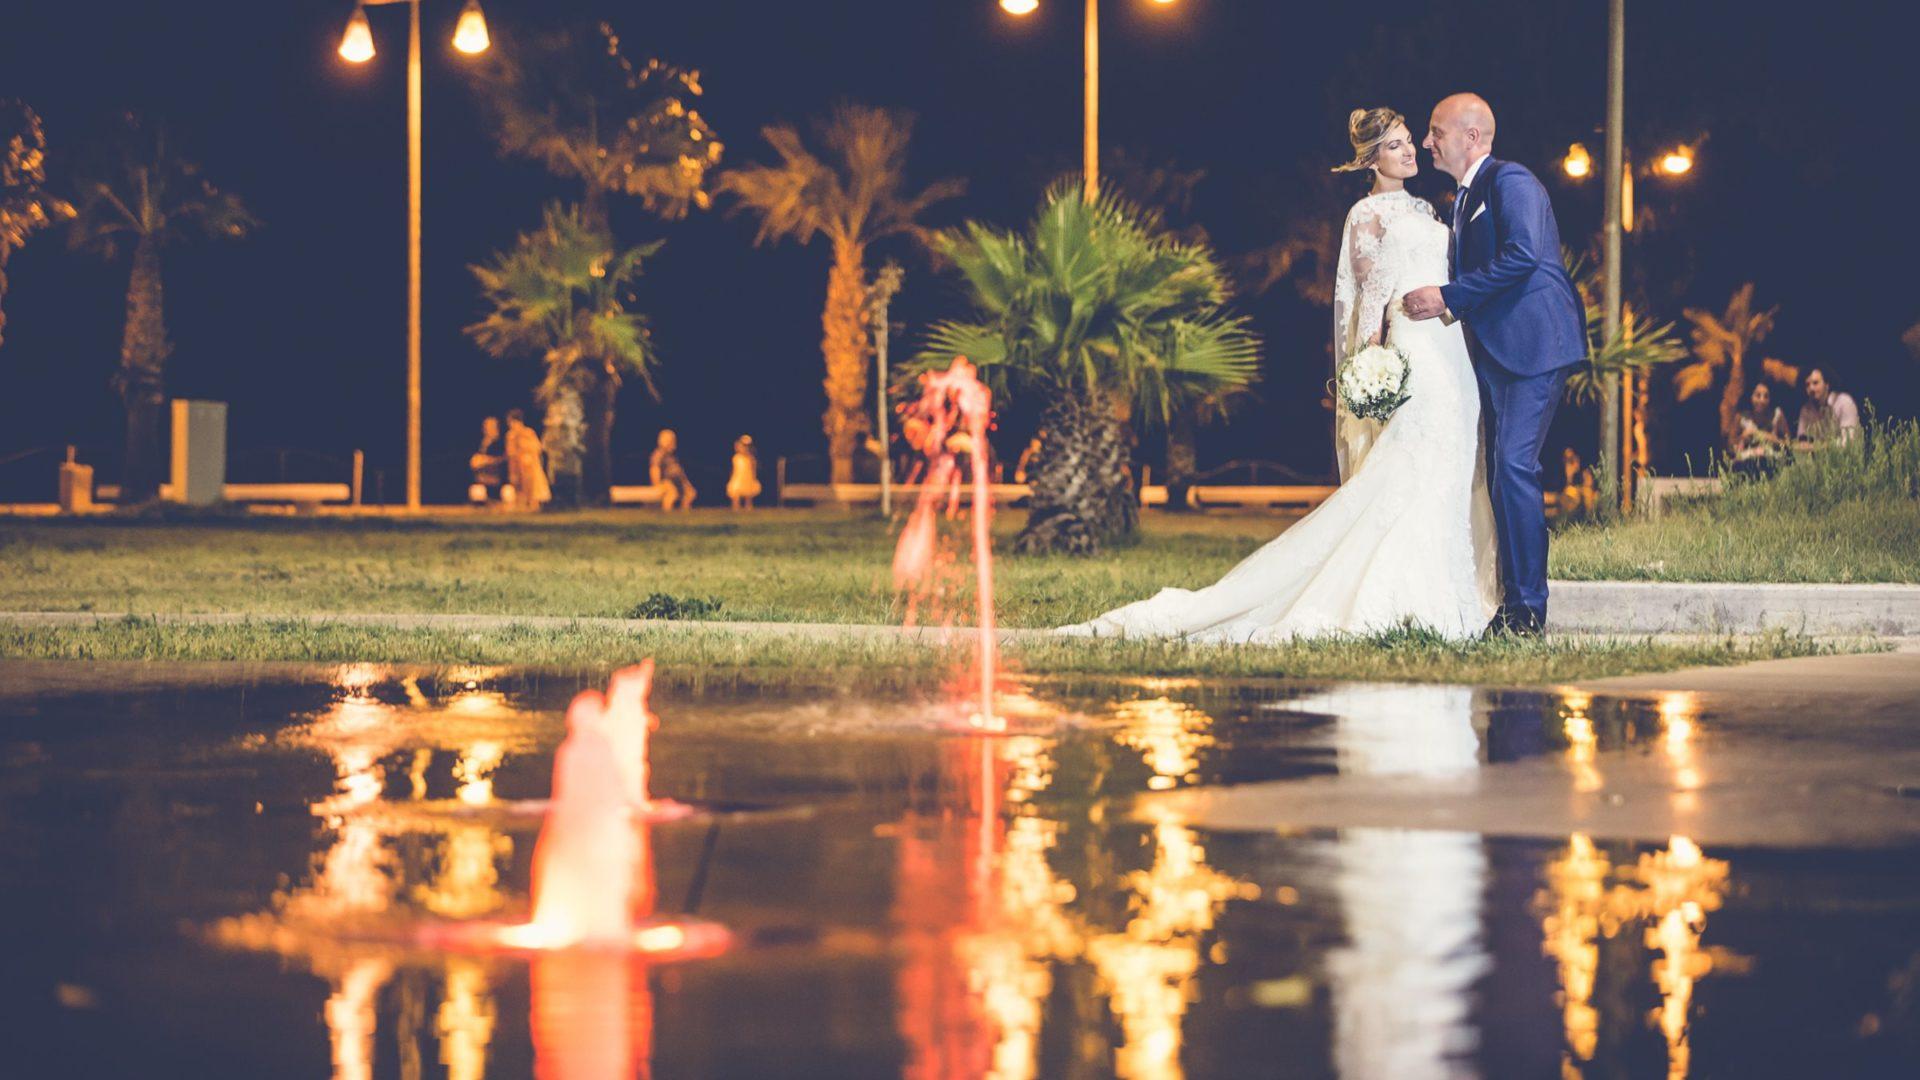 Soverato - Sposi riflessi nell'acqua